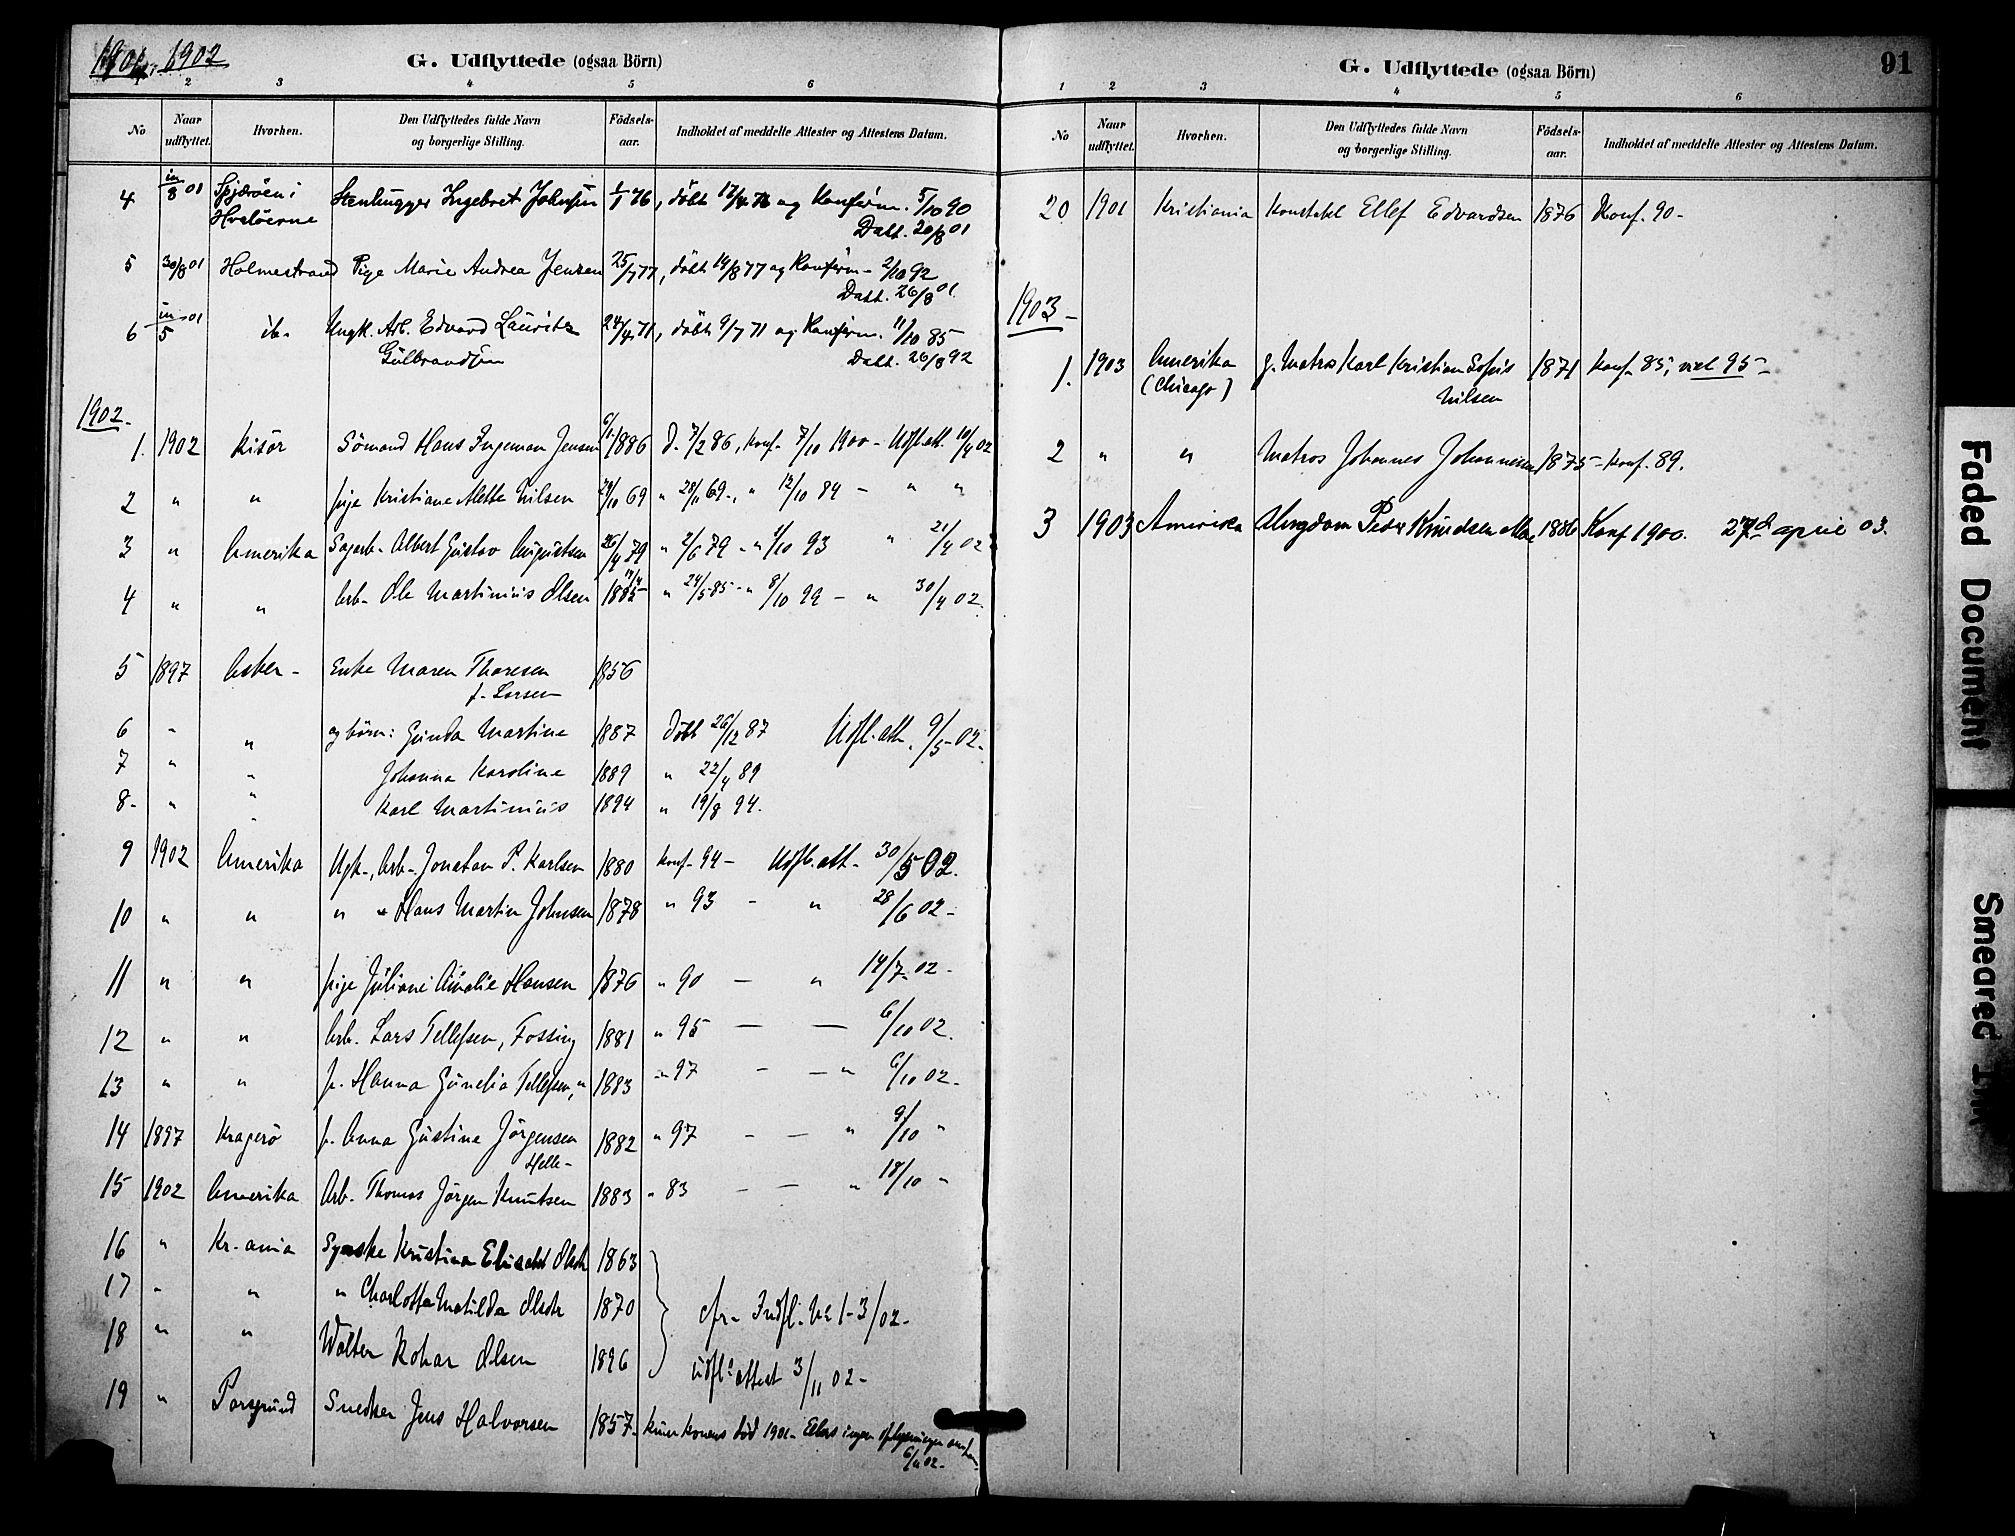 SAKO, Skåtøy kirkebøker, F/Fa/L0004: Ministerialbok nr. I 4, 1884-1900, s. 91